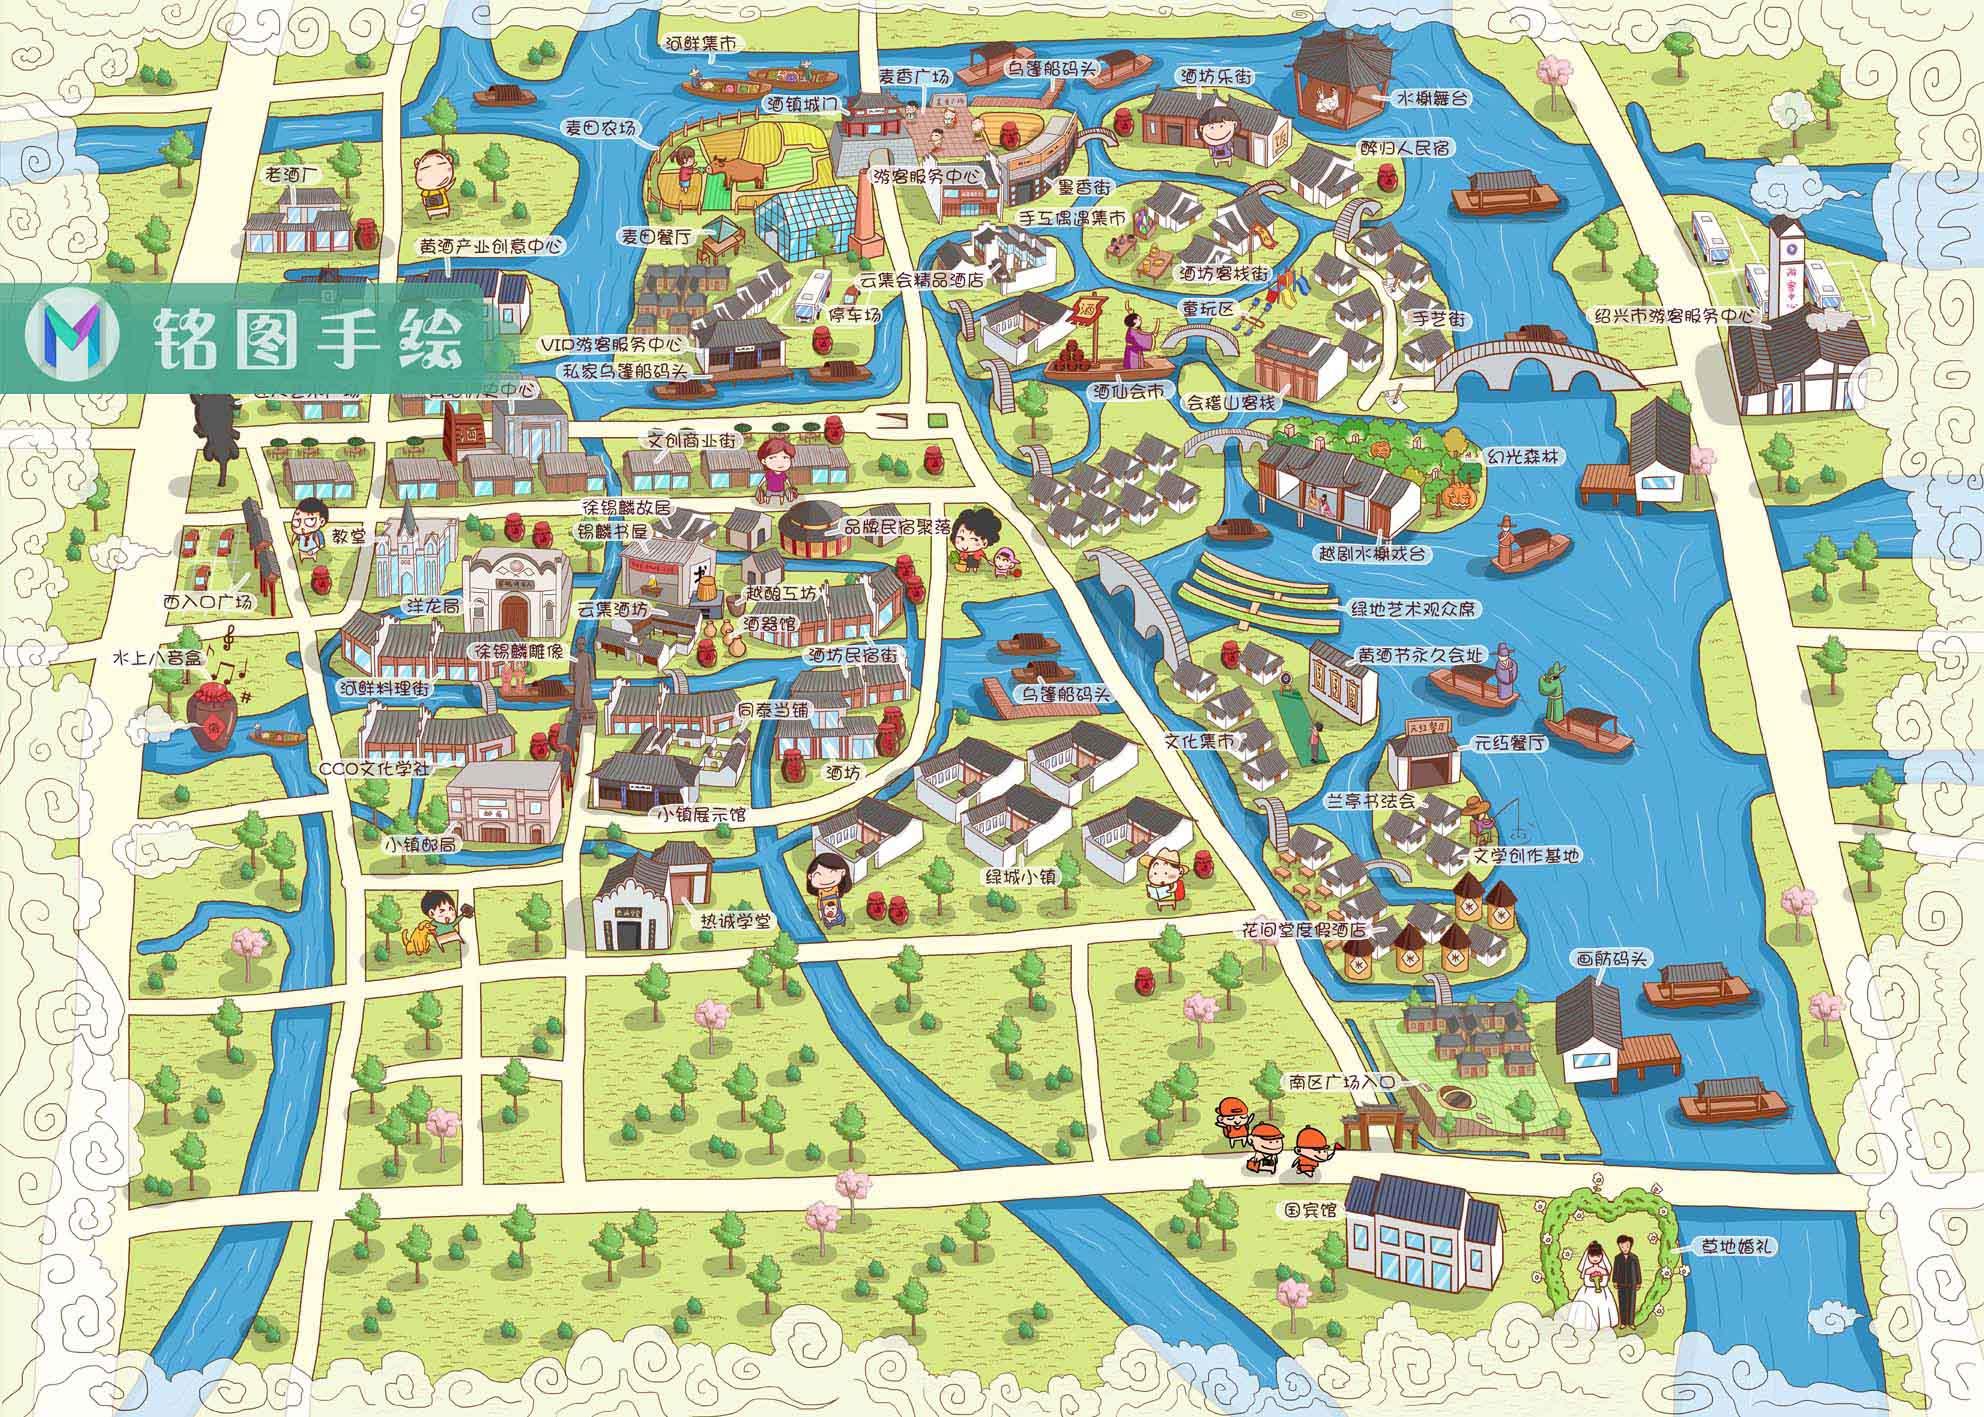 绍兴黄酒小镇手绘地图